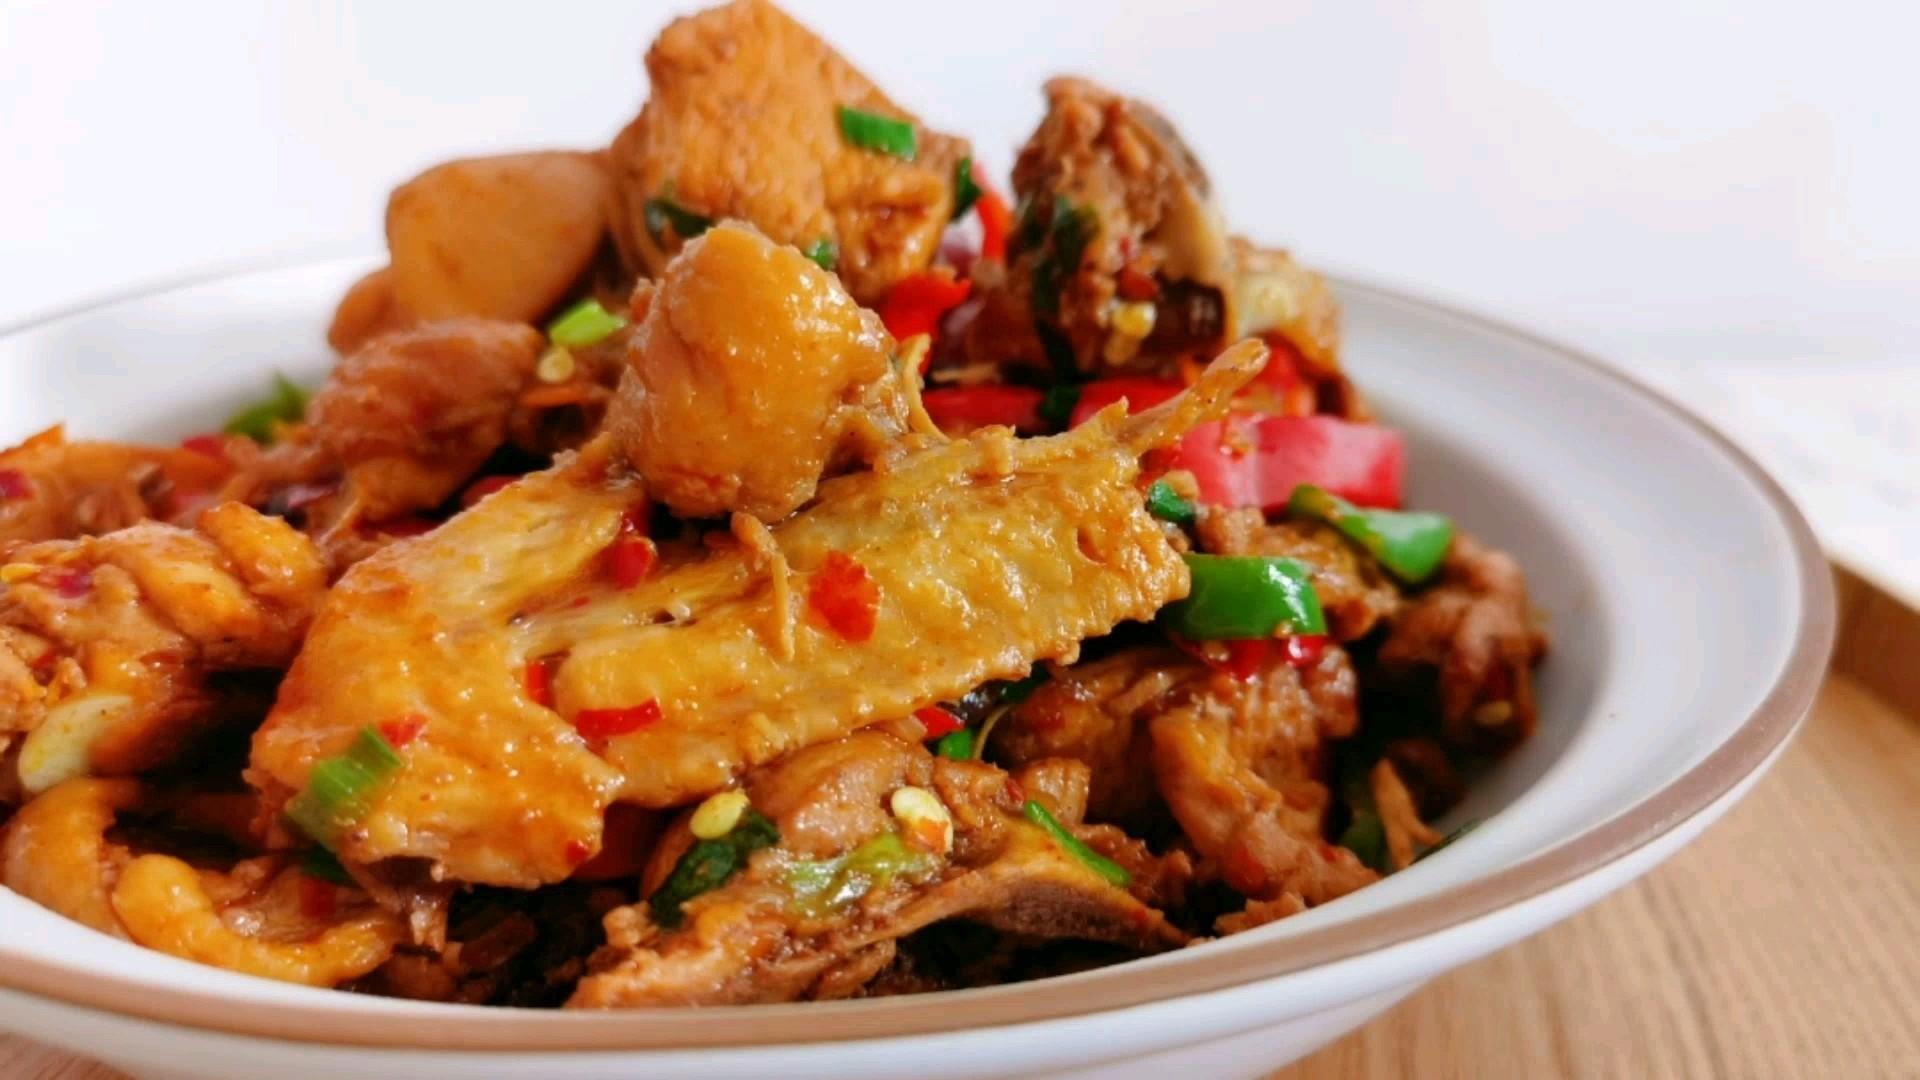 除夕夜的必备菜--香菇炒鸡